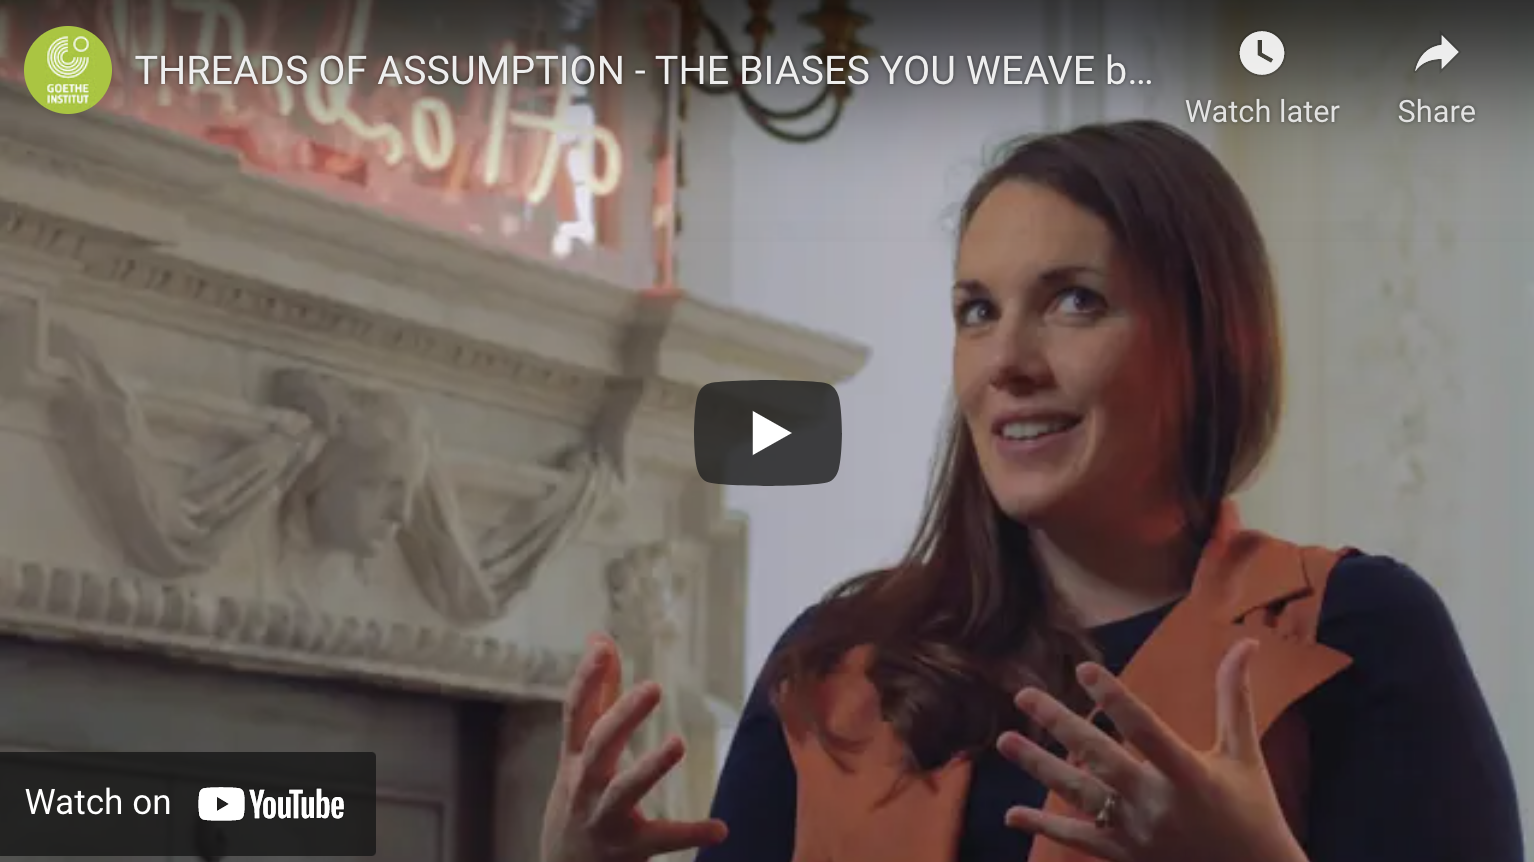 Threads of Assumption